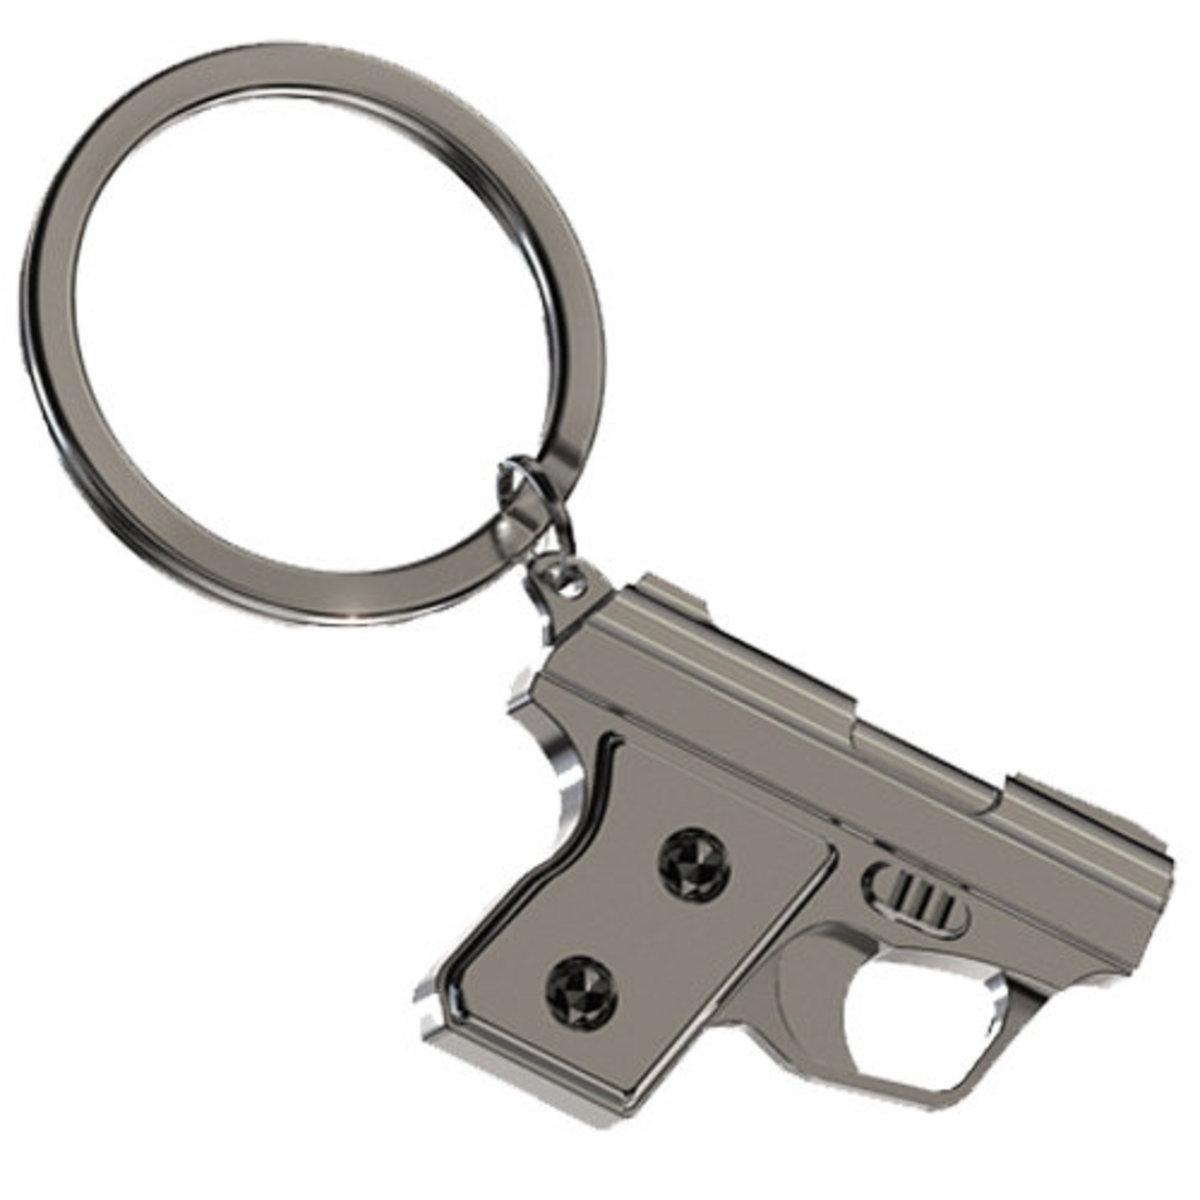 立體手槍匙扣